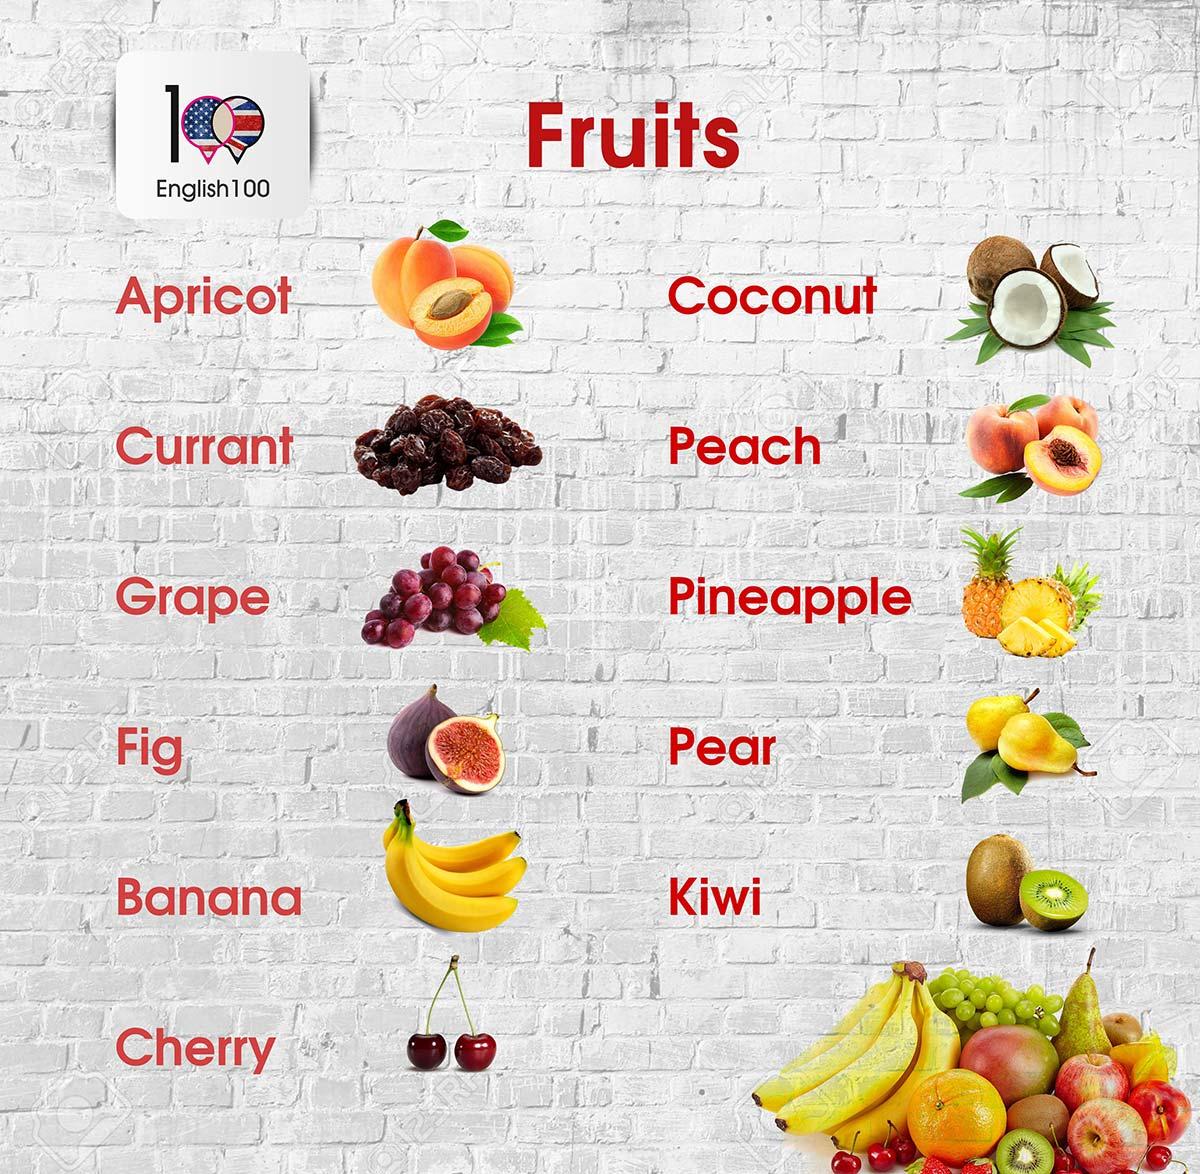 الفواكه باللغة الانجليزية